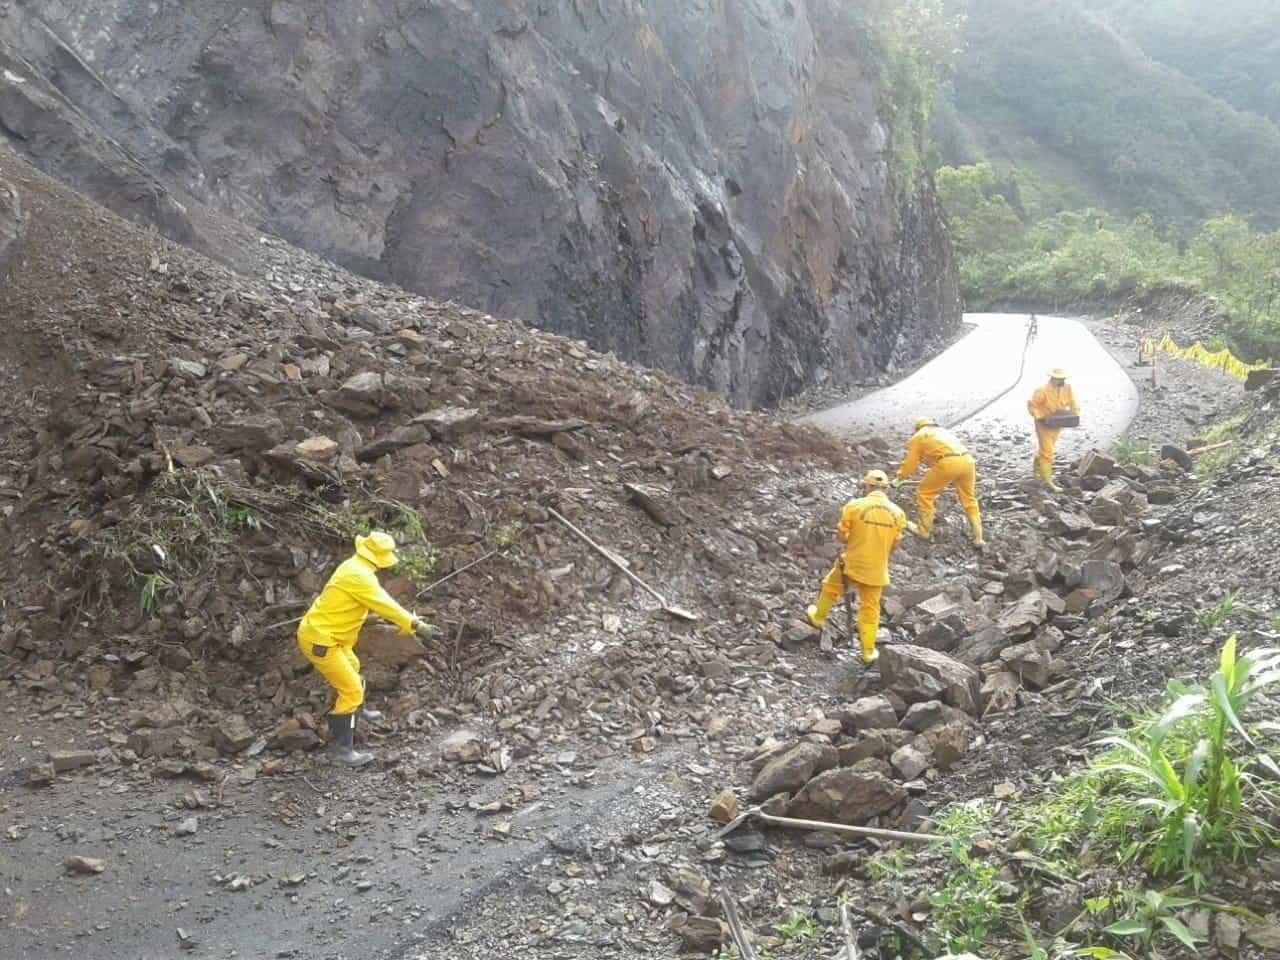 Cierre total en el kilómetro 107 más 300 metros de la carretera Tunja-Páez. El Invías trabaja en el sitio. Foto: Invías